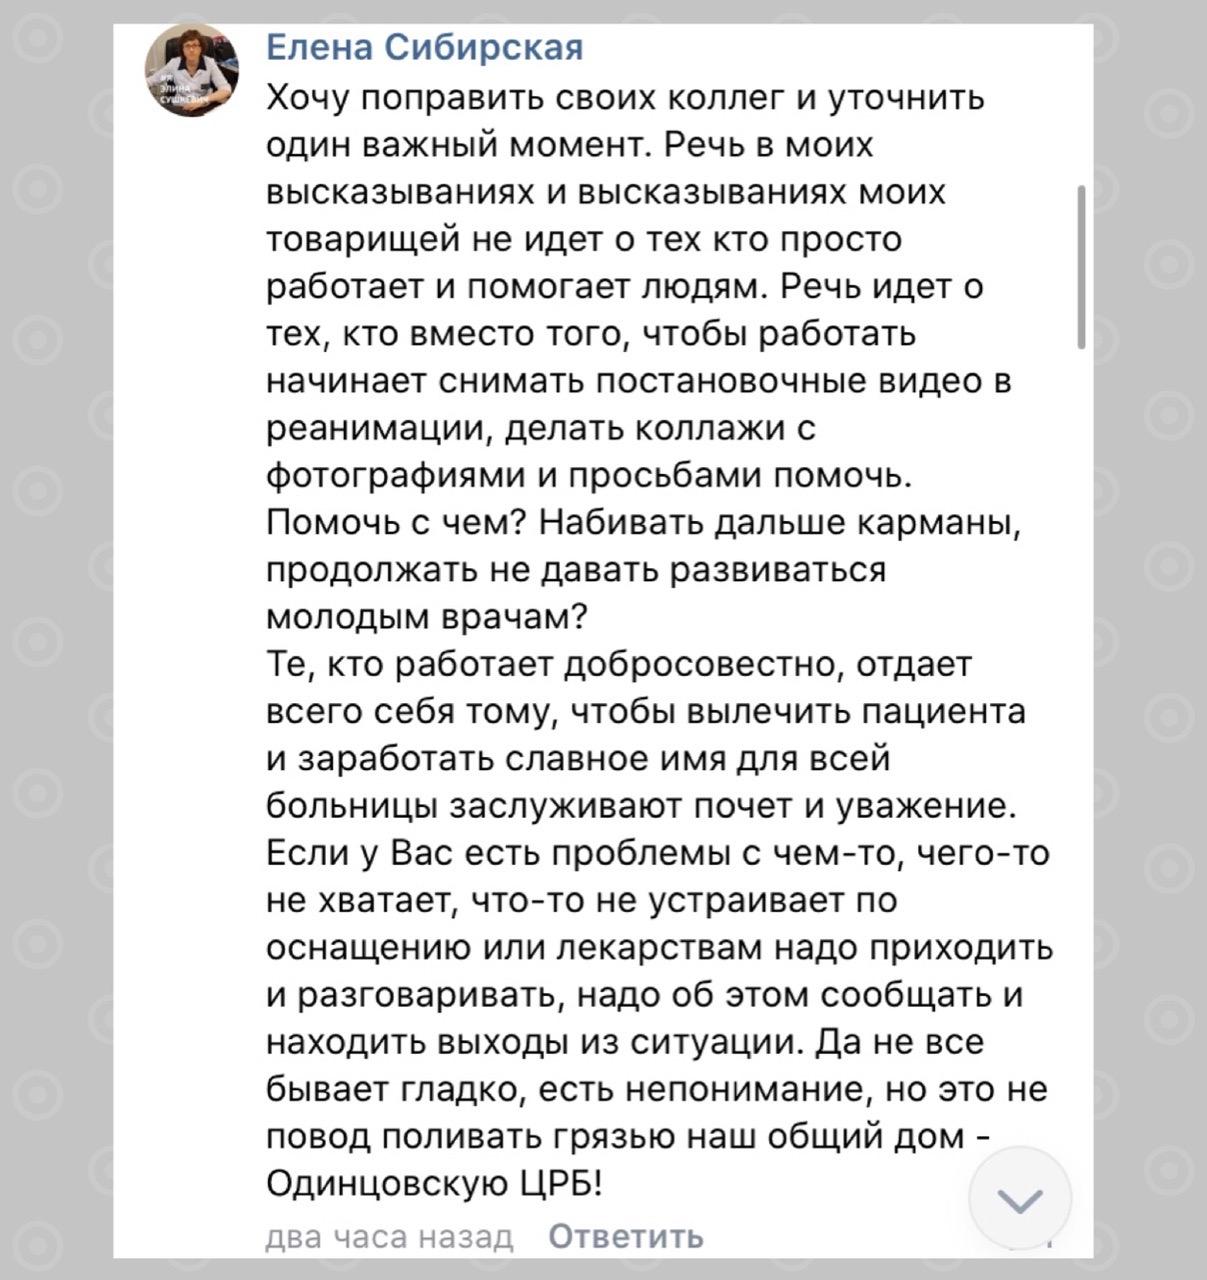 Заместитель главного врача Одинцовской ЦРБ прокомментировала видео